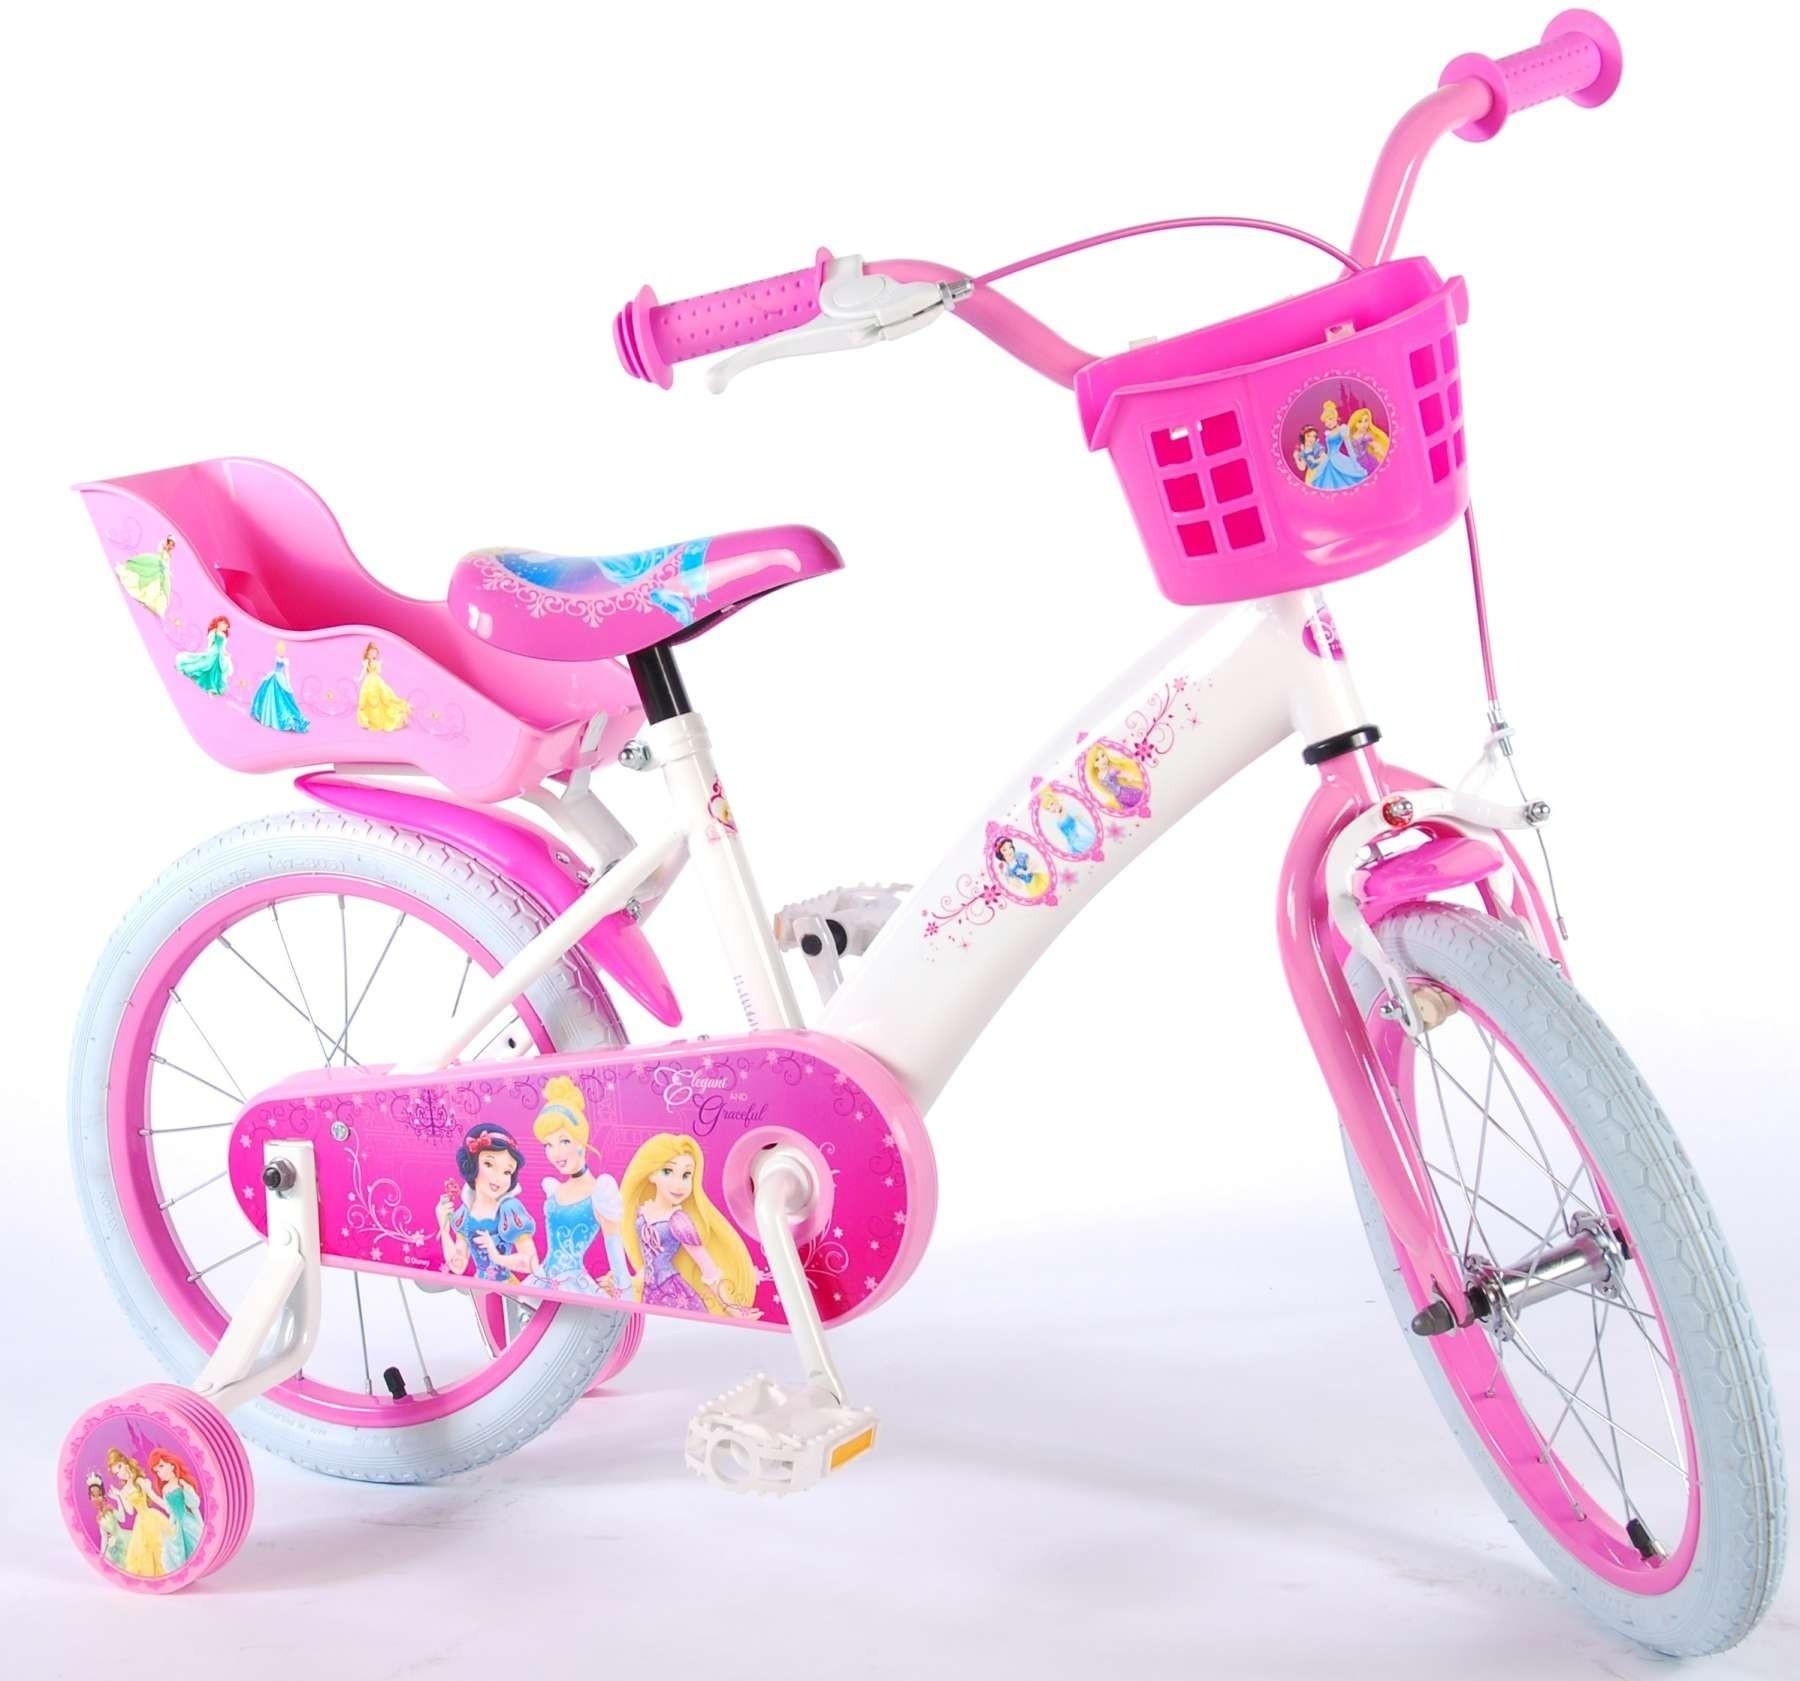 Disney Princess 16 inch meisjesfiets 31606-CH